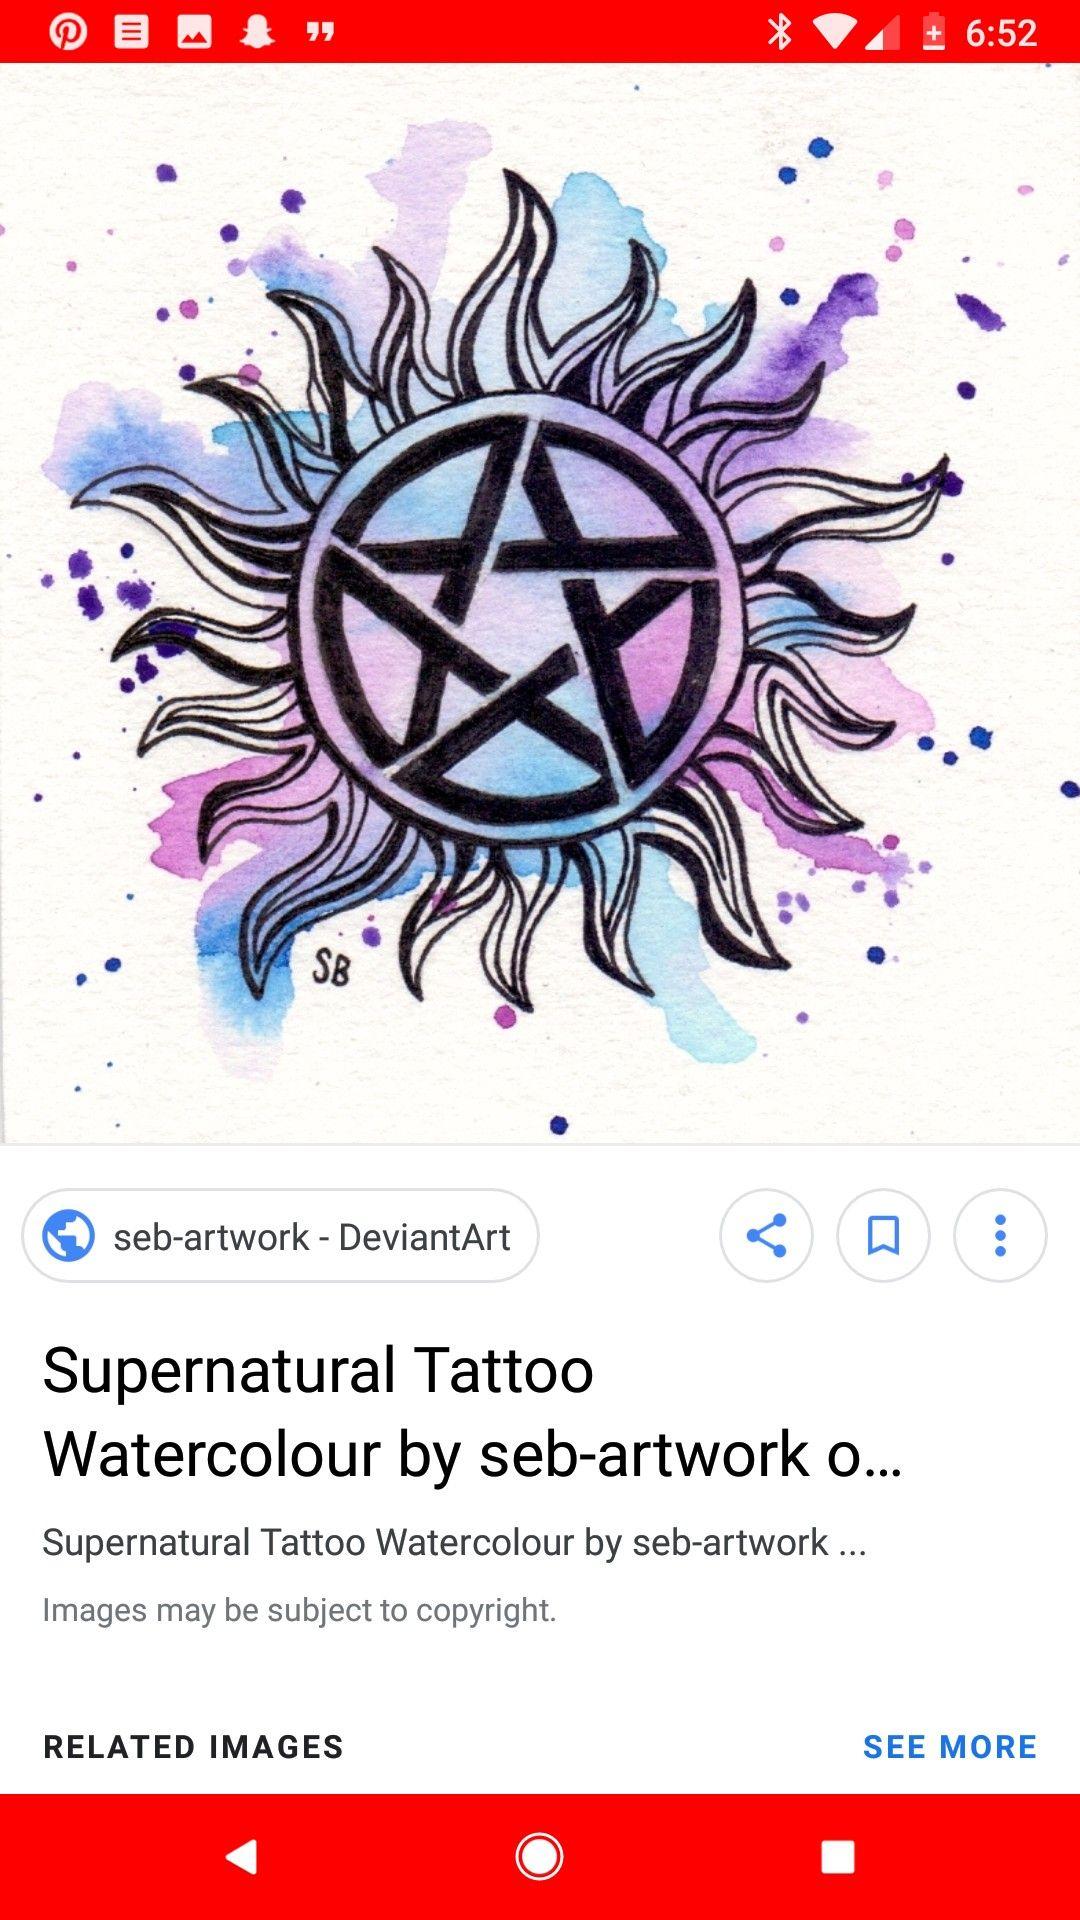 Antipossession tattoo watercolor. SUPERNATURAL Anti